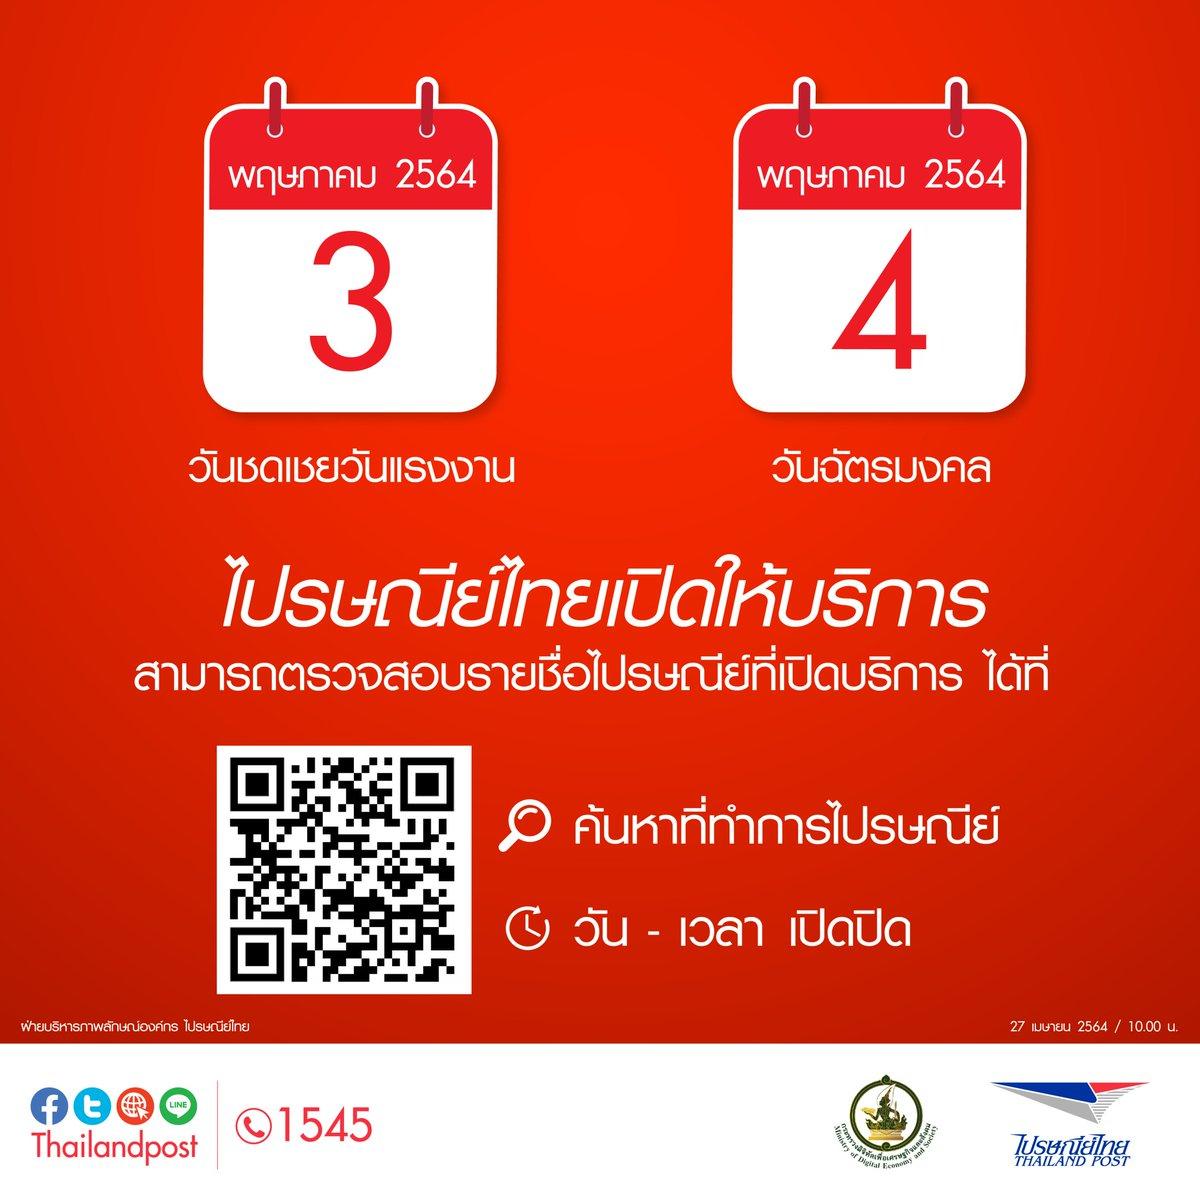 ThailandPost (@Thailand_Post)